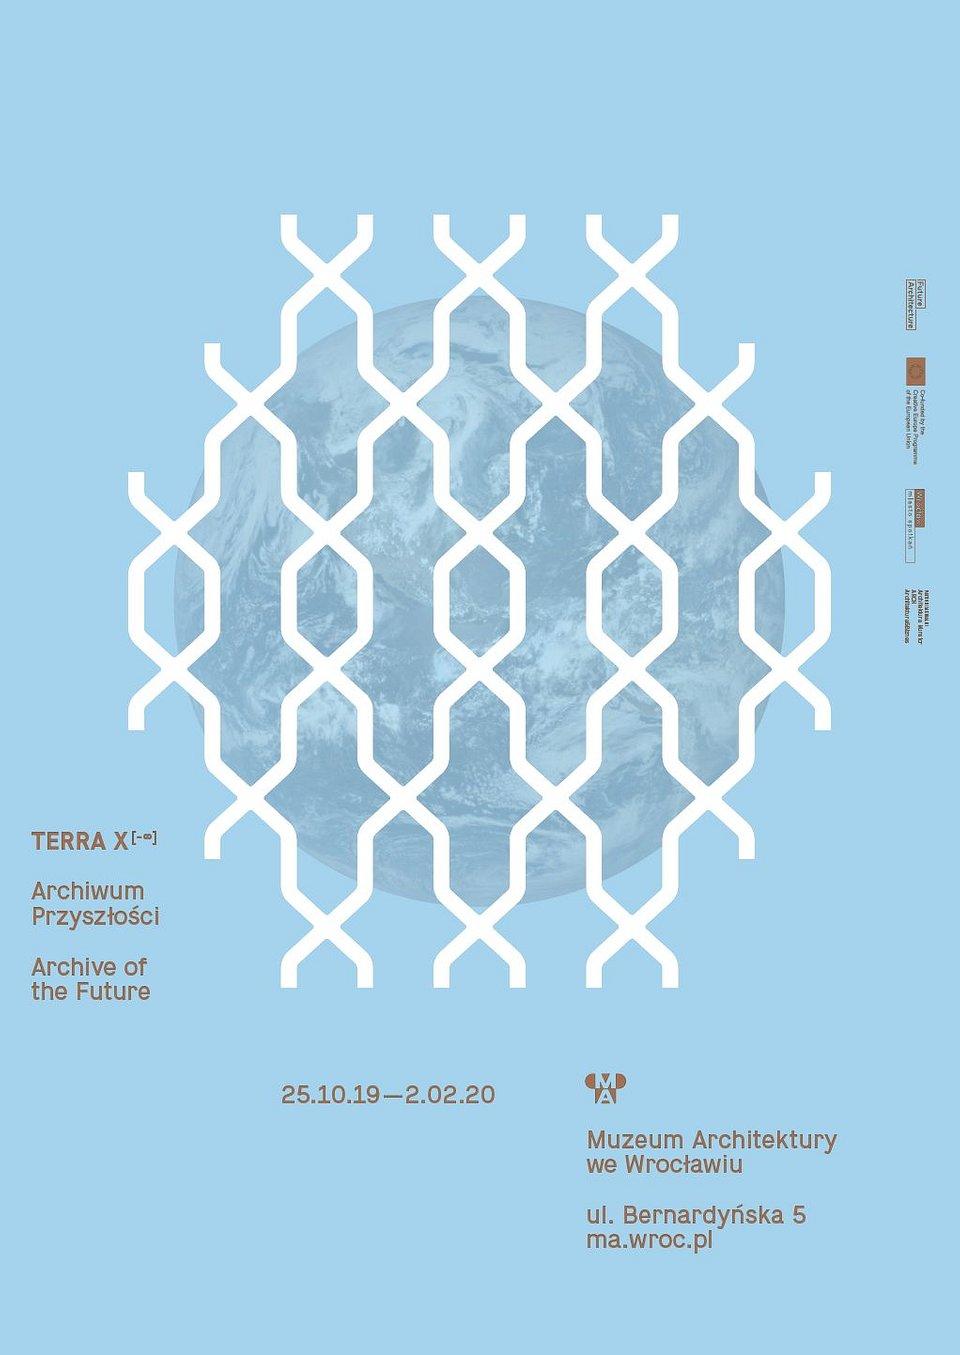 plakat_TERRA  X - ∞ ARCHIWUM PRZYSZŁOŚCI_aut. Feliks Marciniak_fot. materiały prasowe Muzeum Architektury we Wrocławiu.jpg